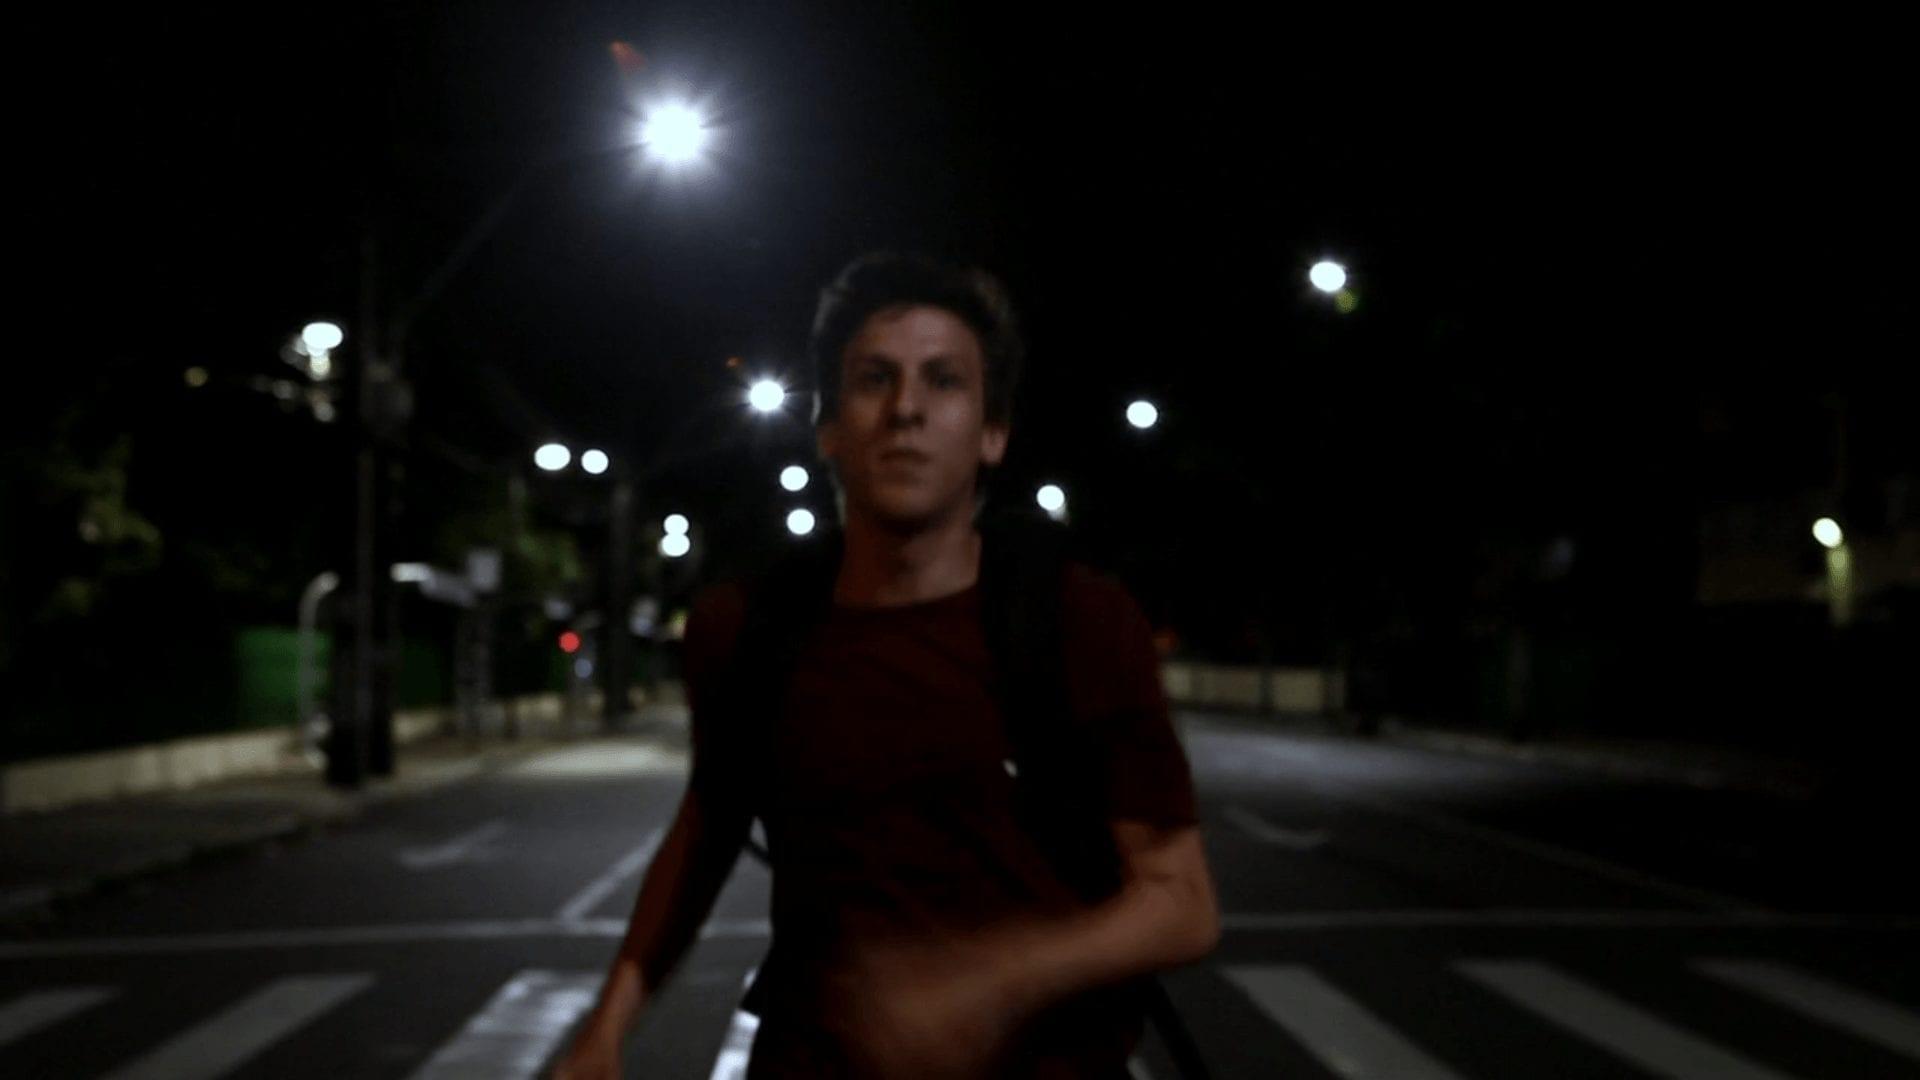 film review of De terça pra quarta